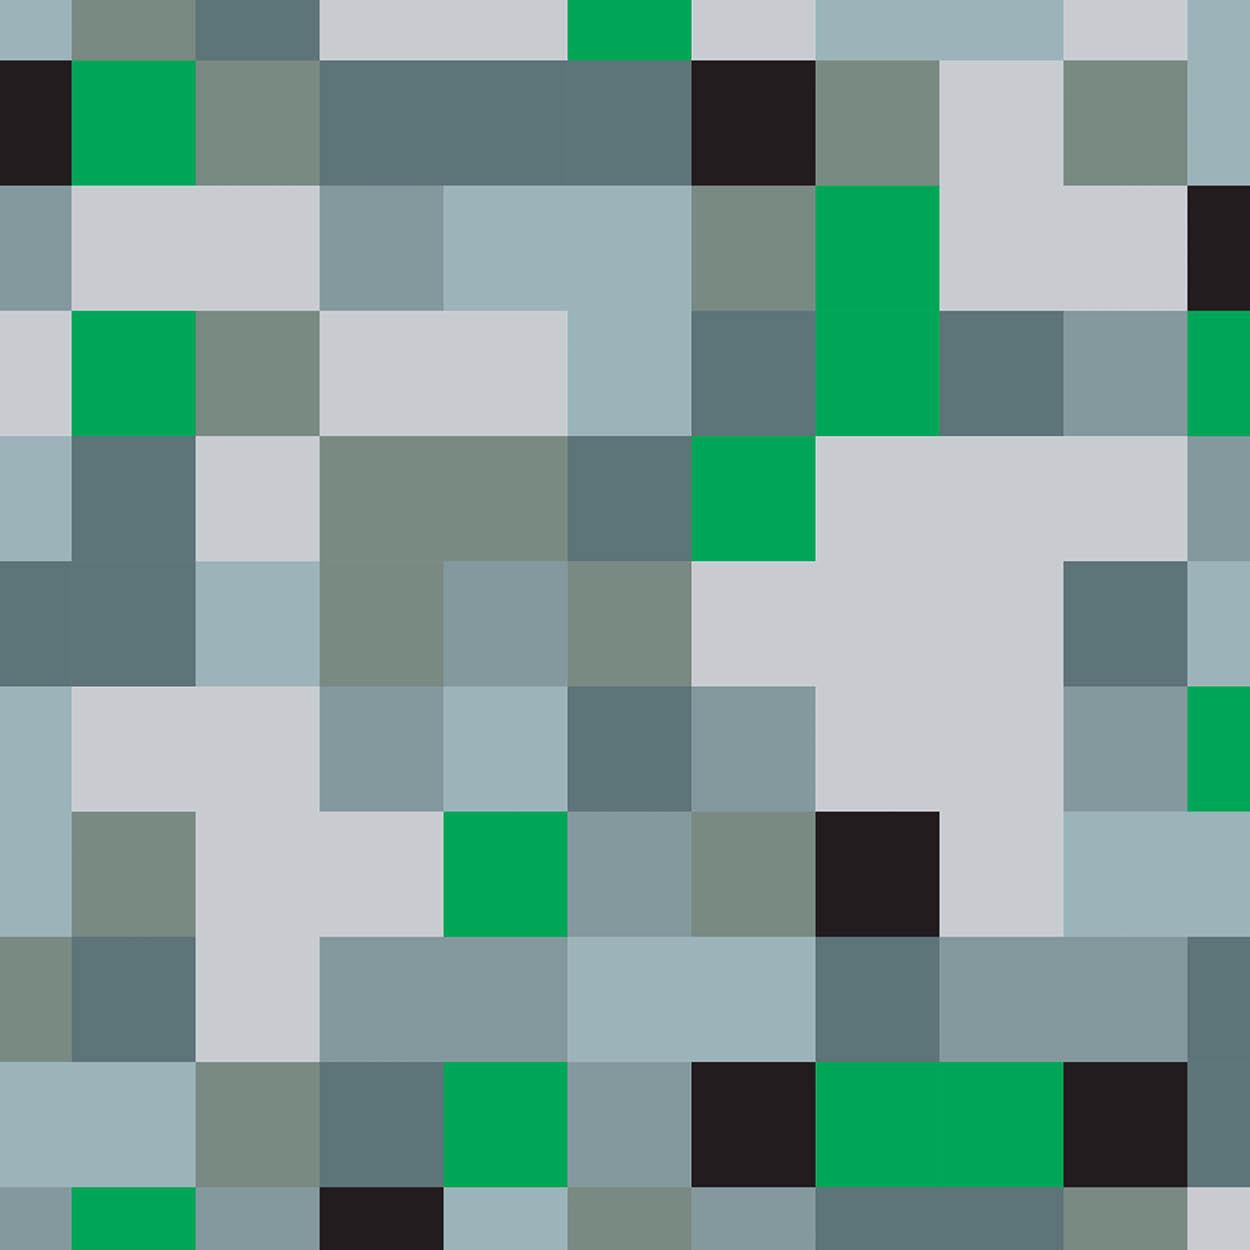 Big Pixel 4